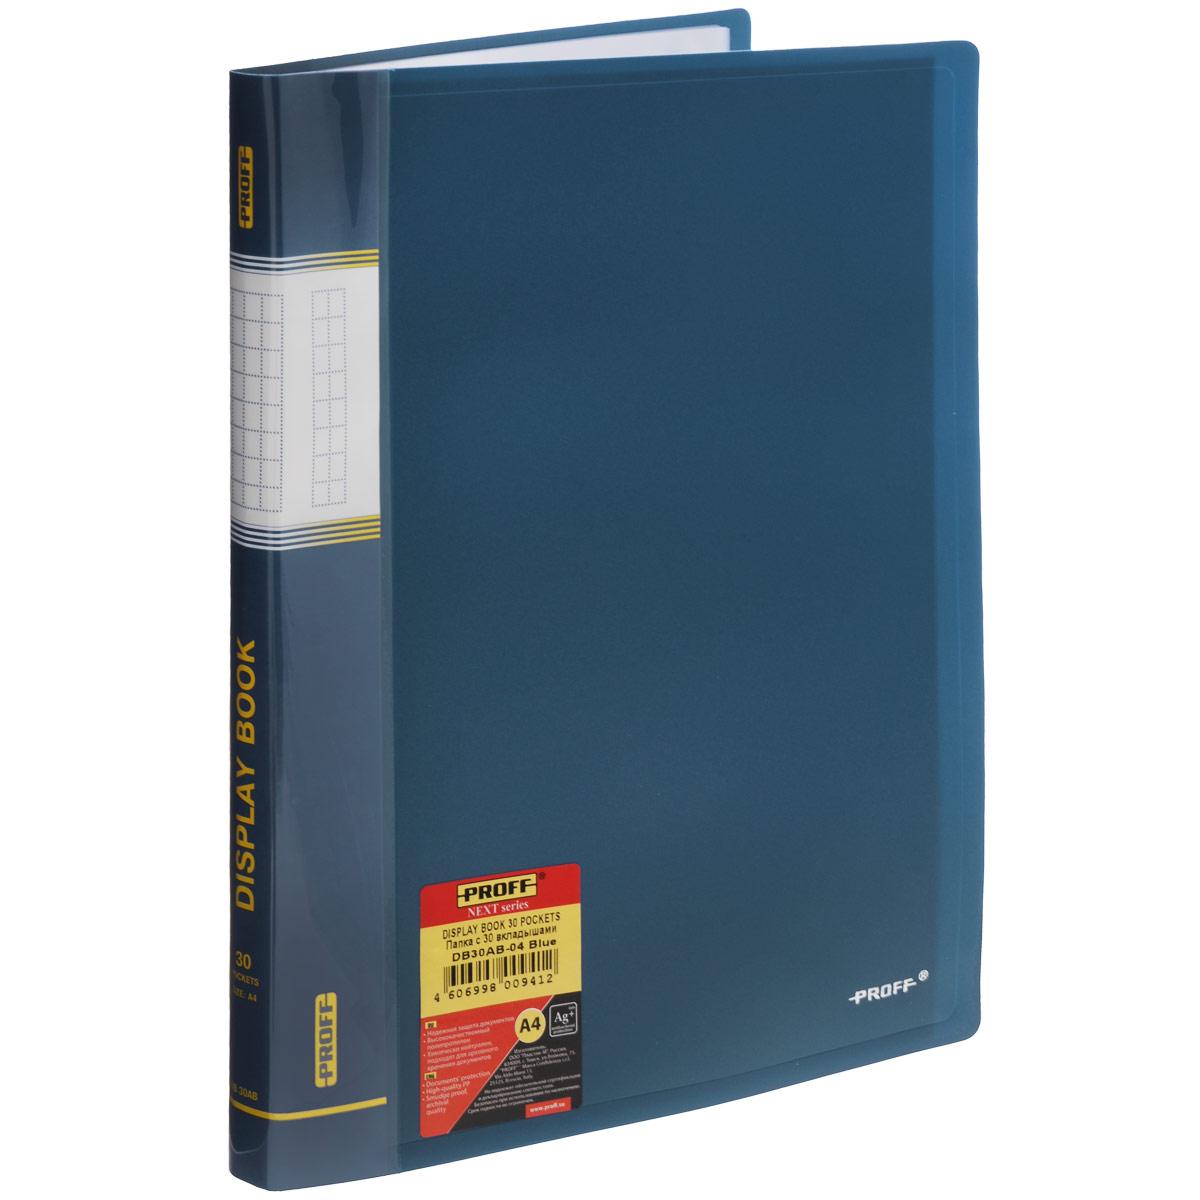 Proff Папка с файлами Next 30 листов цвет синийDB30AB-04Папка с файлами Proff Next - это удобный и практичный офисный инструмент, предназначенный для хранения и транспортировки рабочих бумаг и документов формата А4.Обложка выполнена из плотного полипропилена. Папка включает в себя 30 прозрачных файлов формата А4. Папка с файлами - это незаменимый атрибут для студента, школьника, офисного работника. Такая папка надежно сохранит ваши документы и сбережет их от повреждений, пыли и влаги.